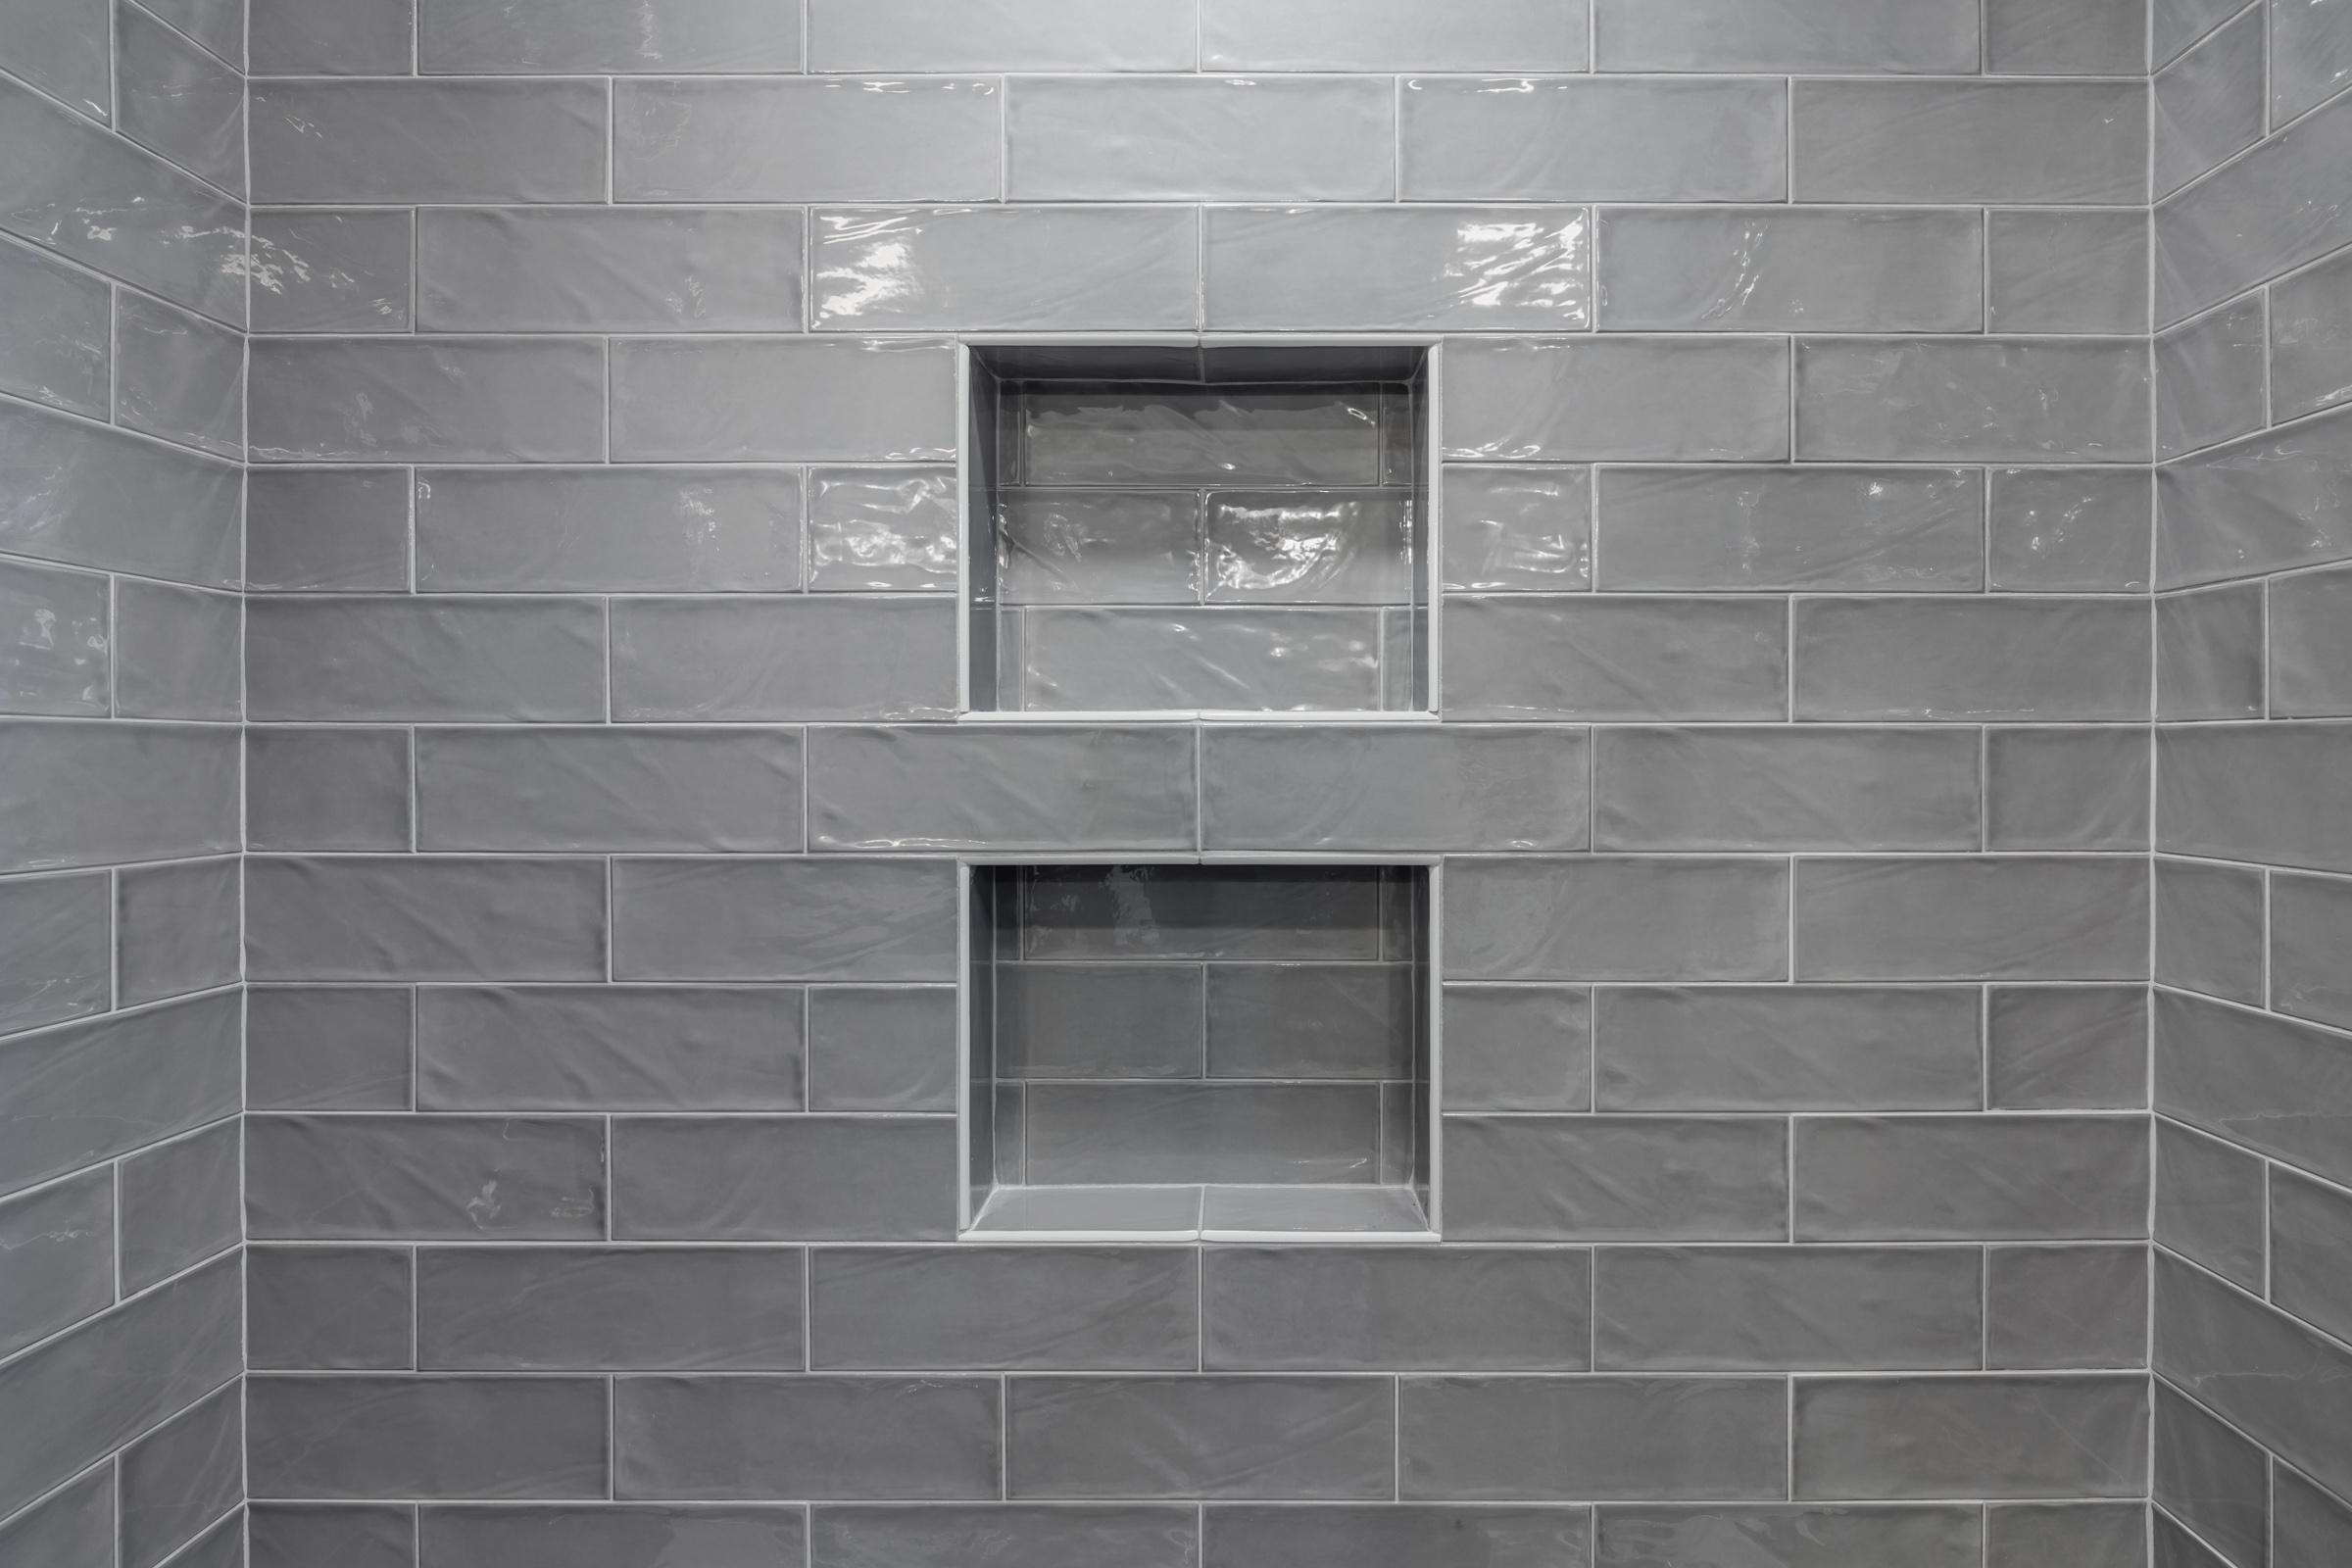 Shower tile detail.jpg